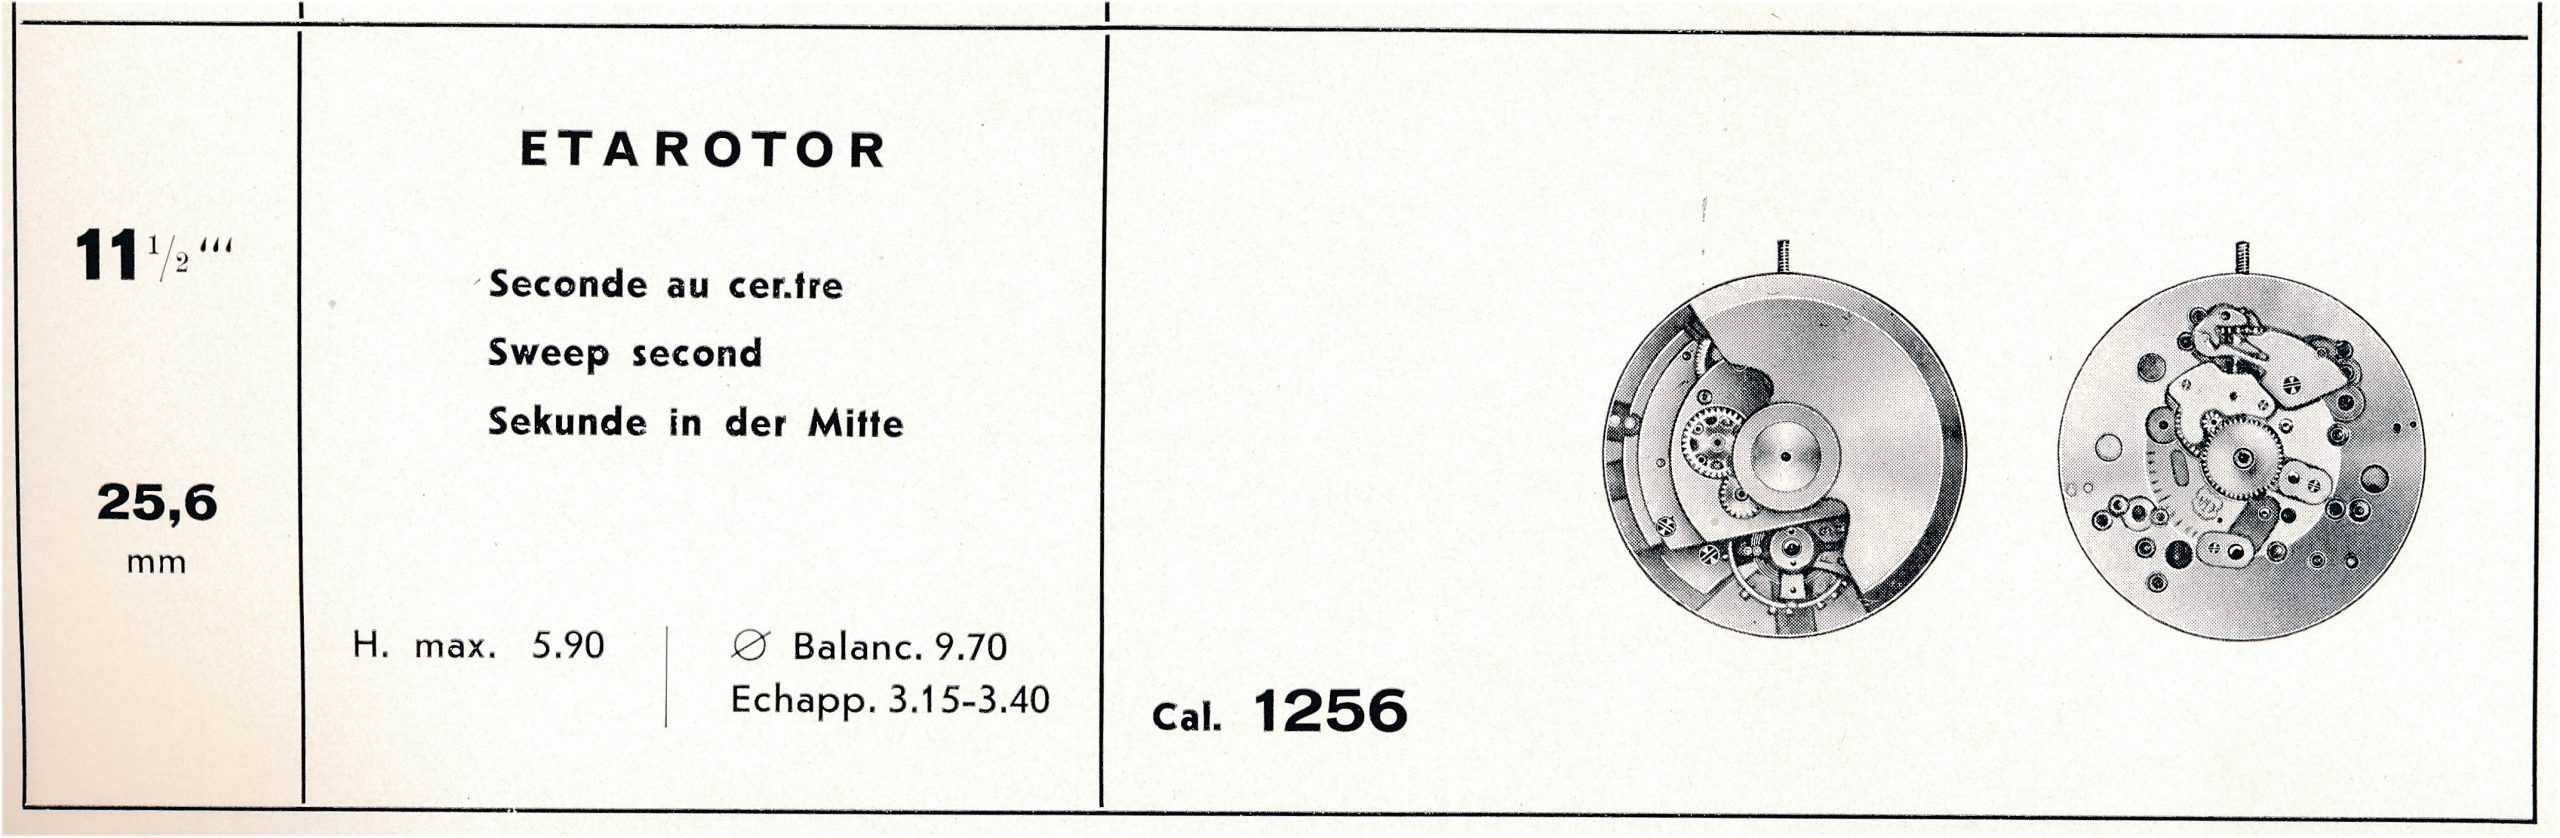 Automatikkaliber Eta 1256 1950 bis 1960 scaled